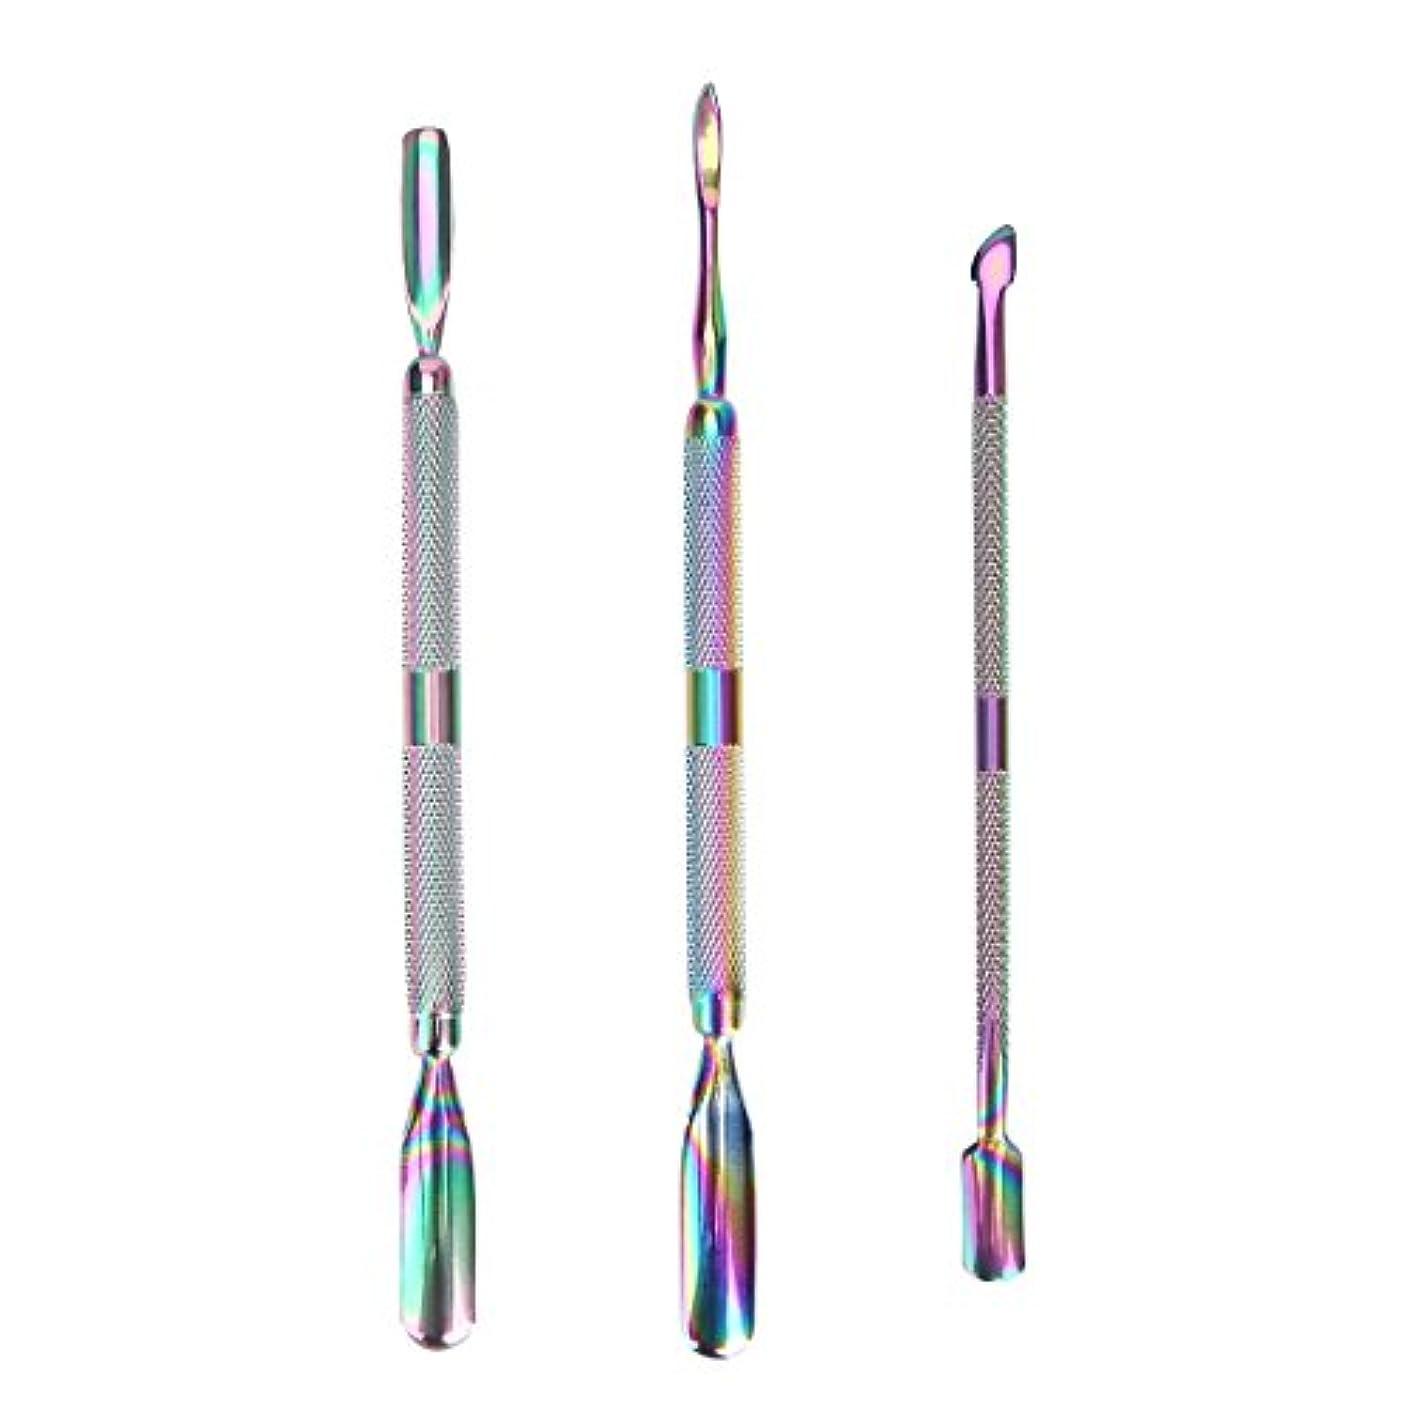 透明にルアー落胆した3 Pcs/set Rainbow Stainless Steel Dual End Nail Art Dead Skin Cuticle Remover Pusher Spoon Pedicure Manicure Care...